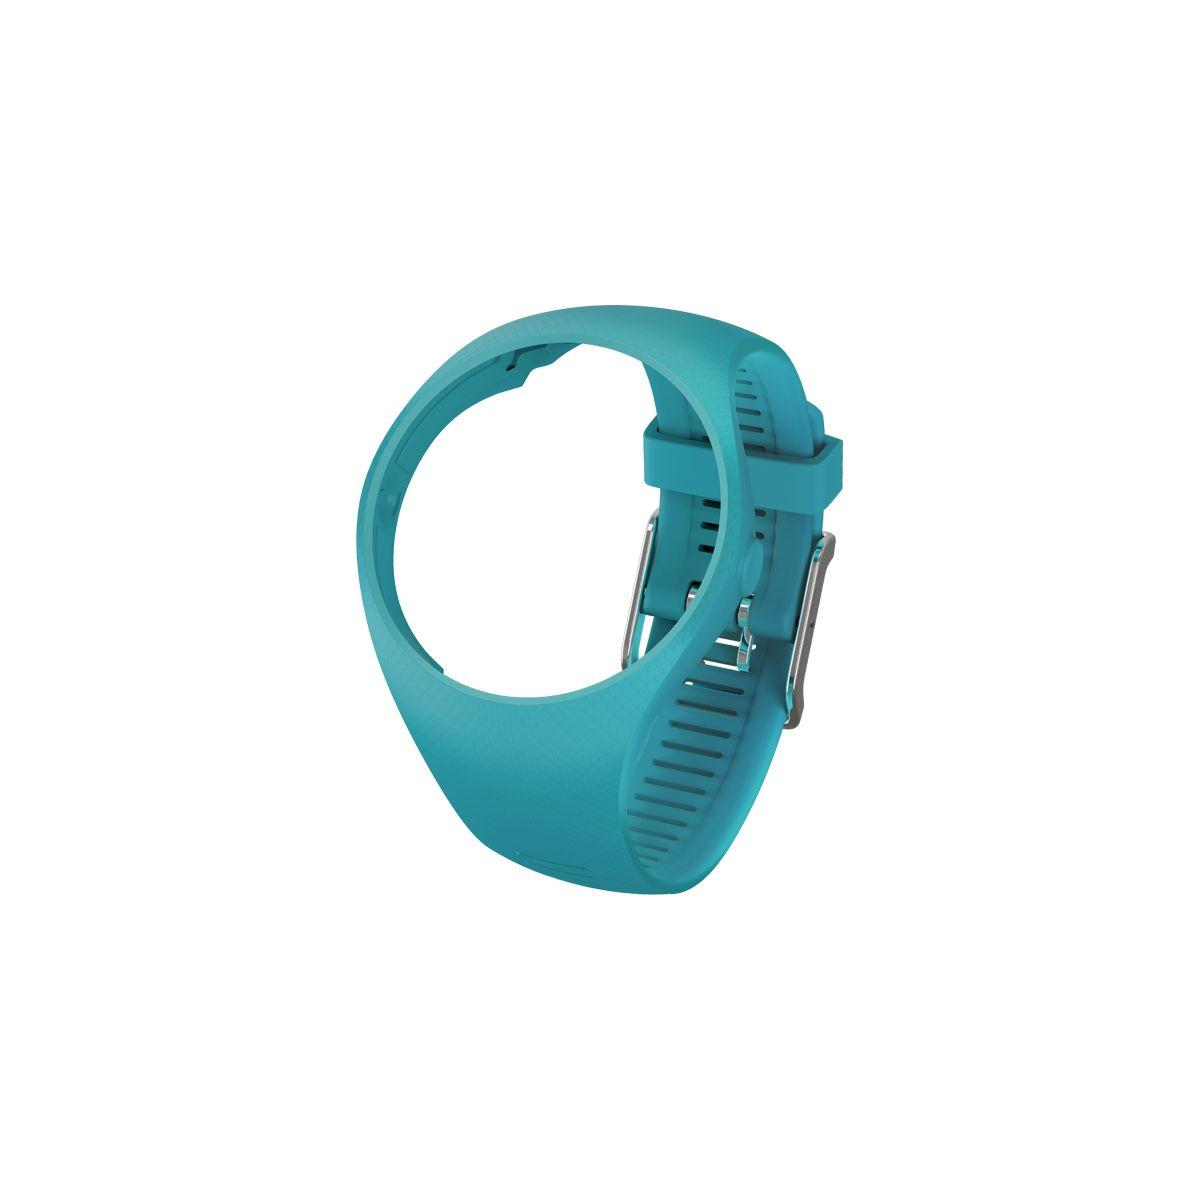 Bracelet montre polar m200 bleu m/l - 3% de remise immédiate avec le code : multi3